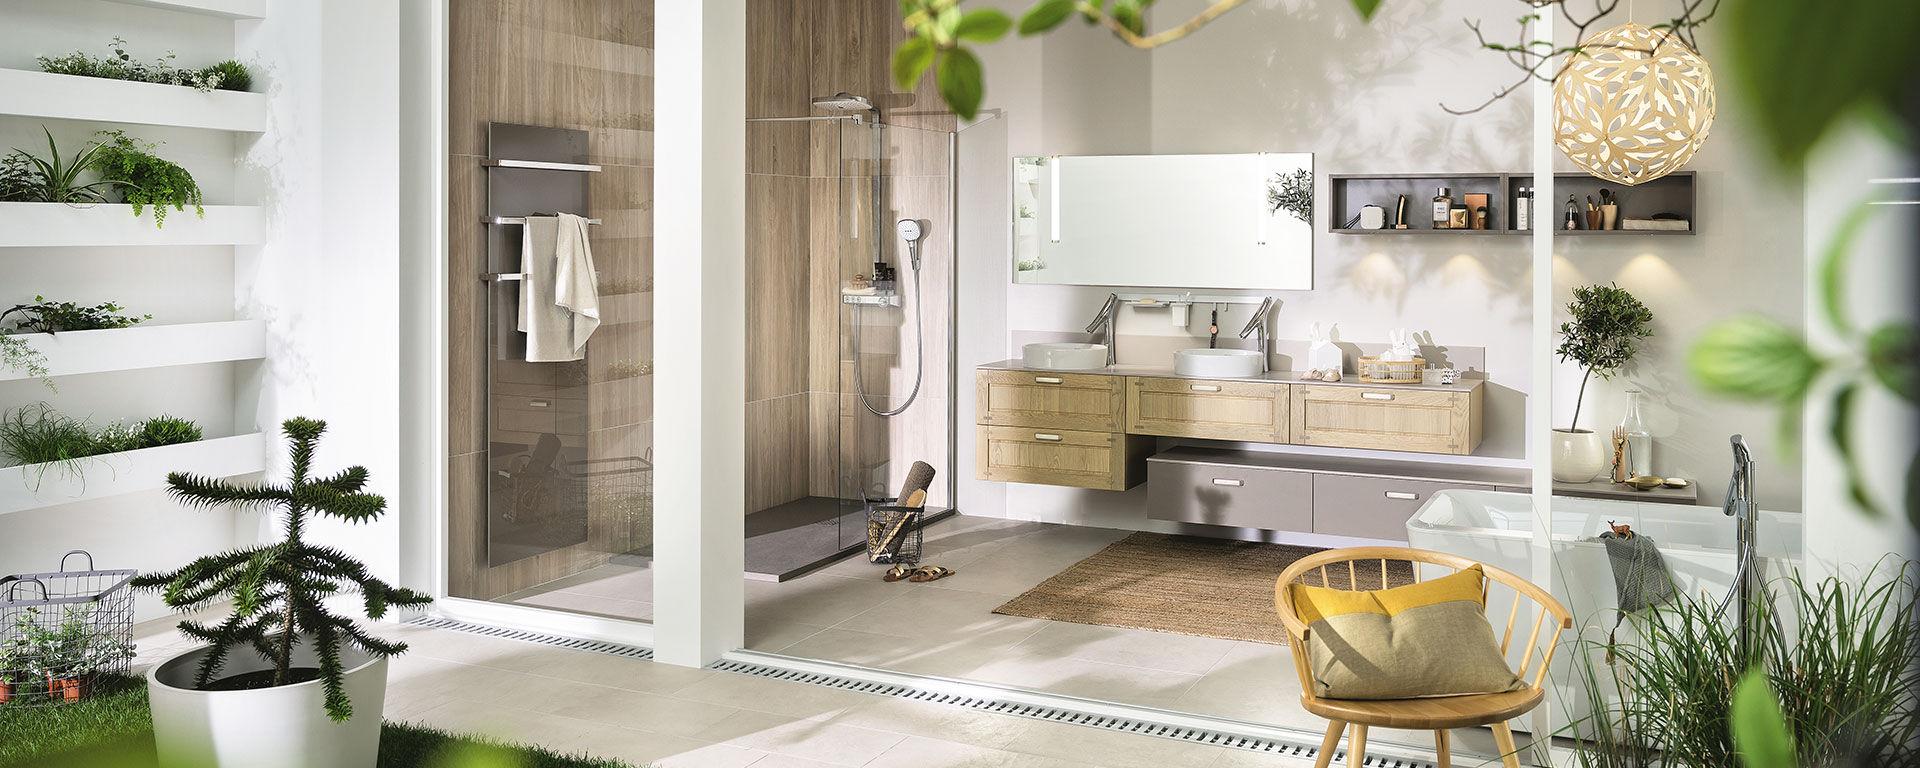 Salle de bain contemporaine - AMBIANCE VÉGÉTALE - Mobalpa - en